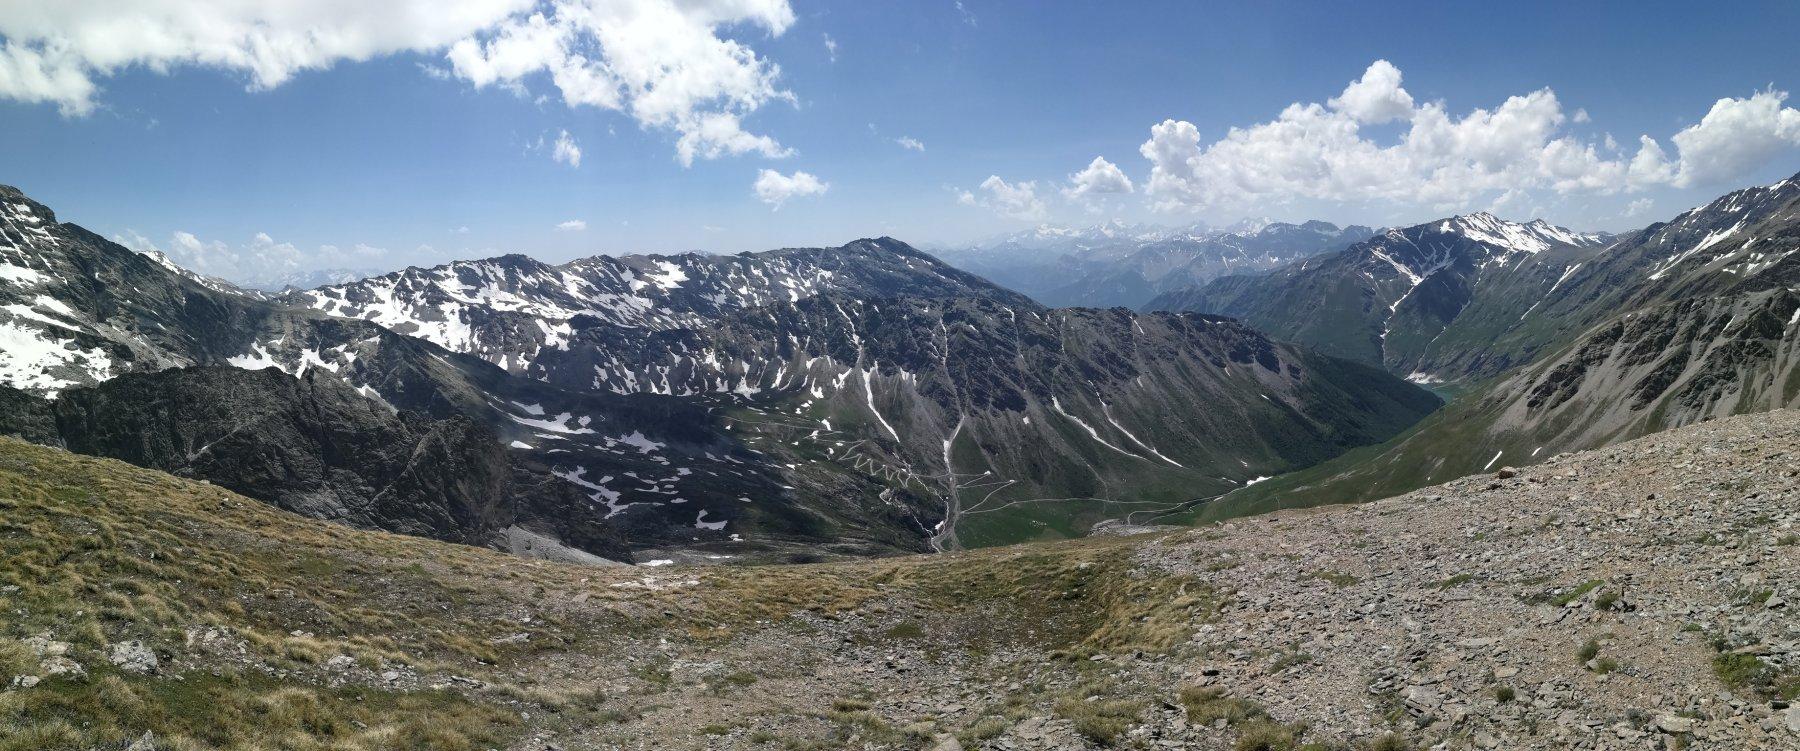 Alta Valle di Rochemolles, con i tornanti di salita al Colle Sommeiller